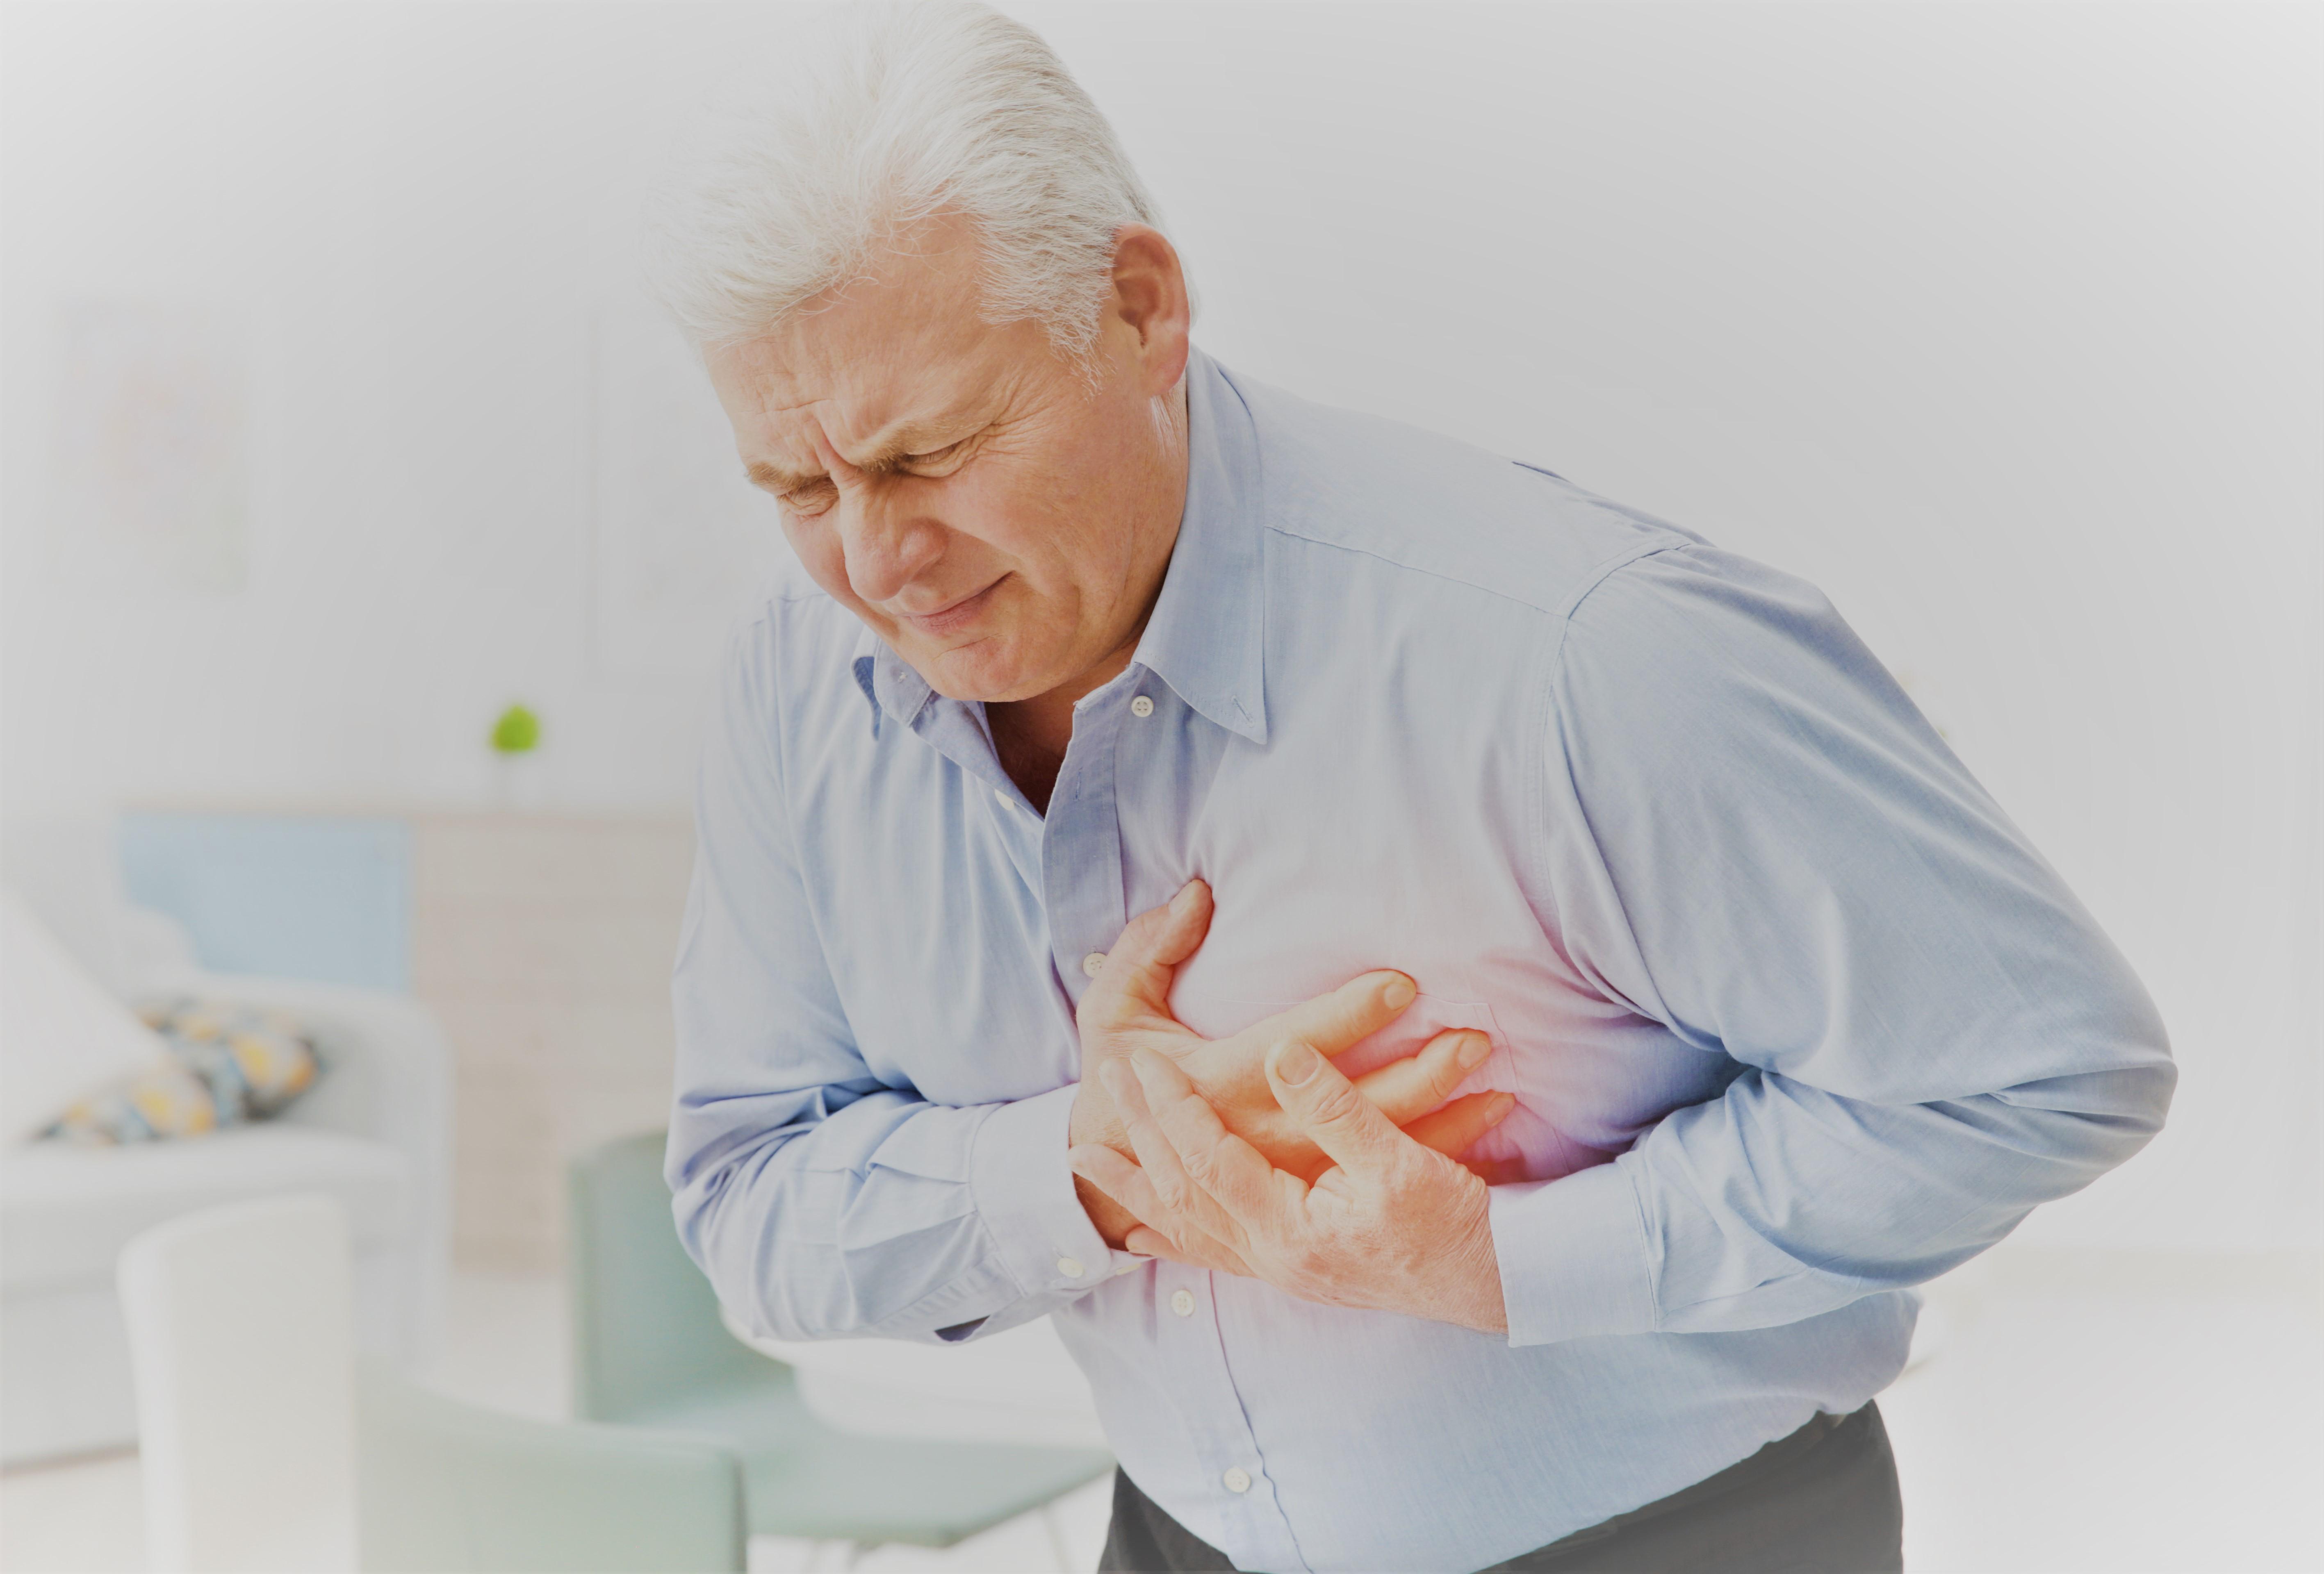 fájó fájdalom a test ízületeiben)